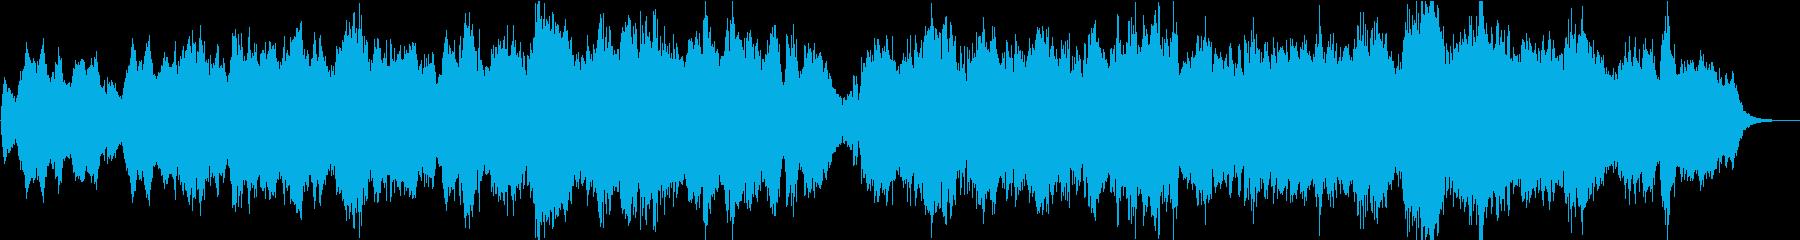 ピアチェールダモール/愛を演出するBGMの再生済みの波形